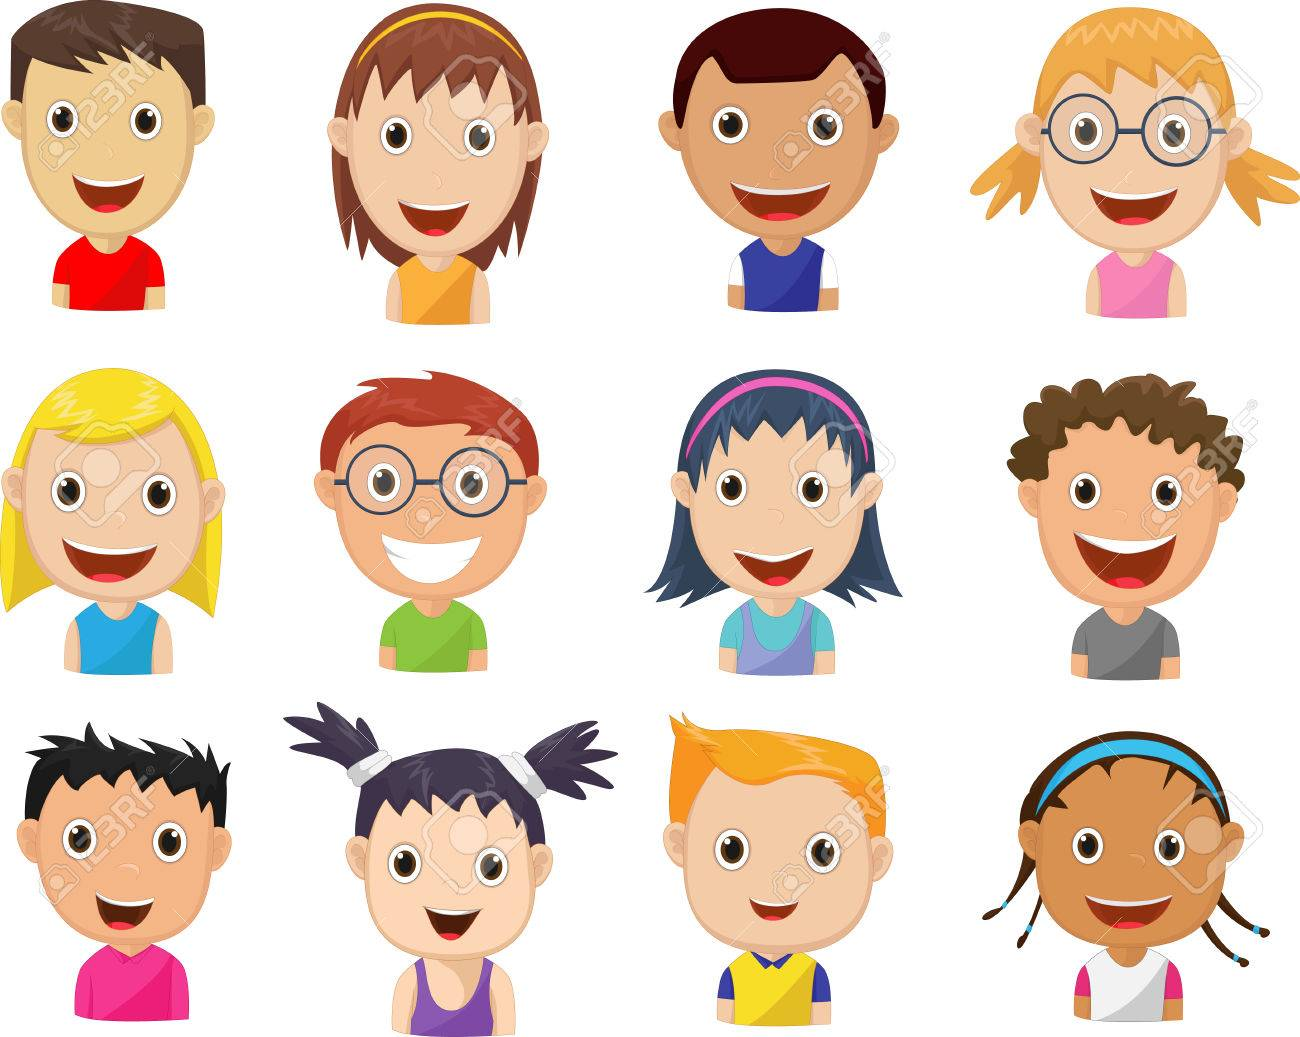 set of cartoon children's faces.